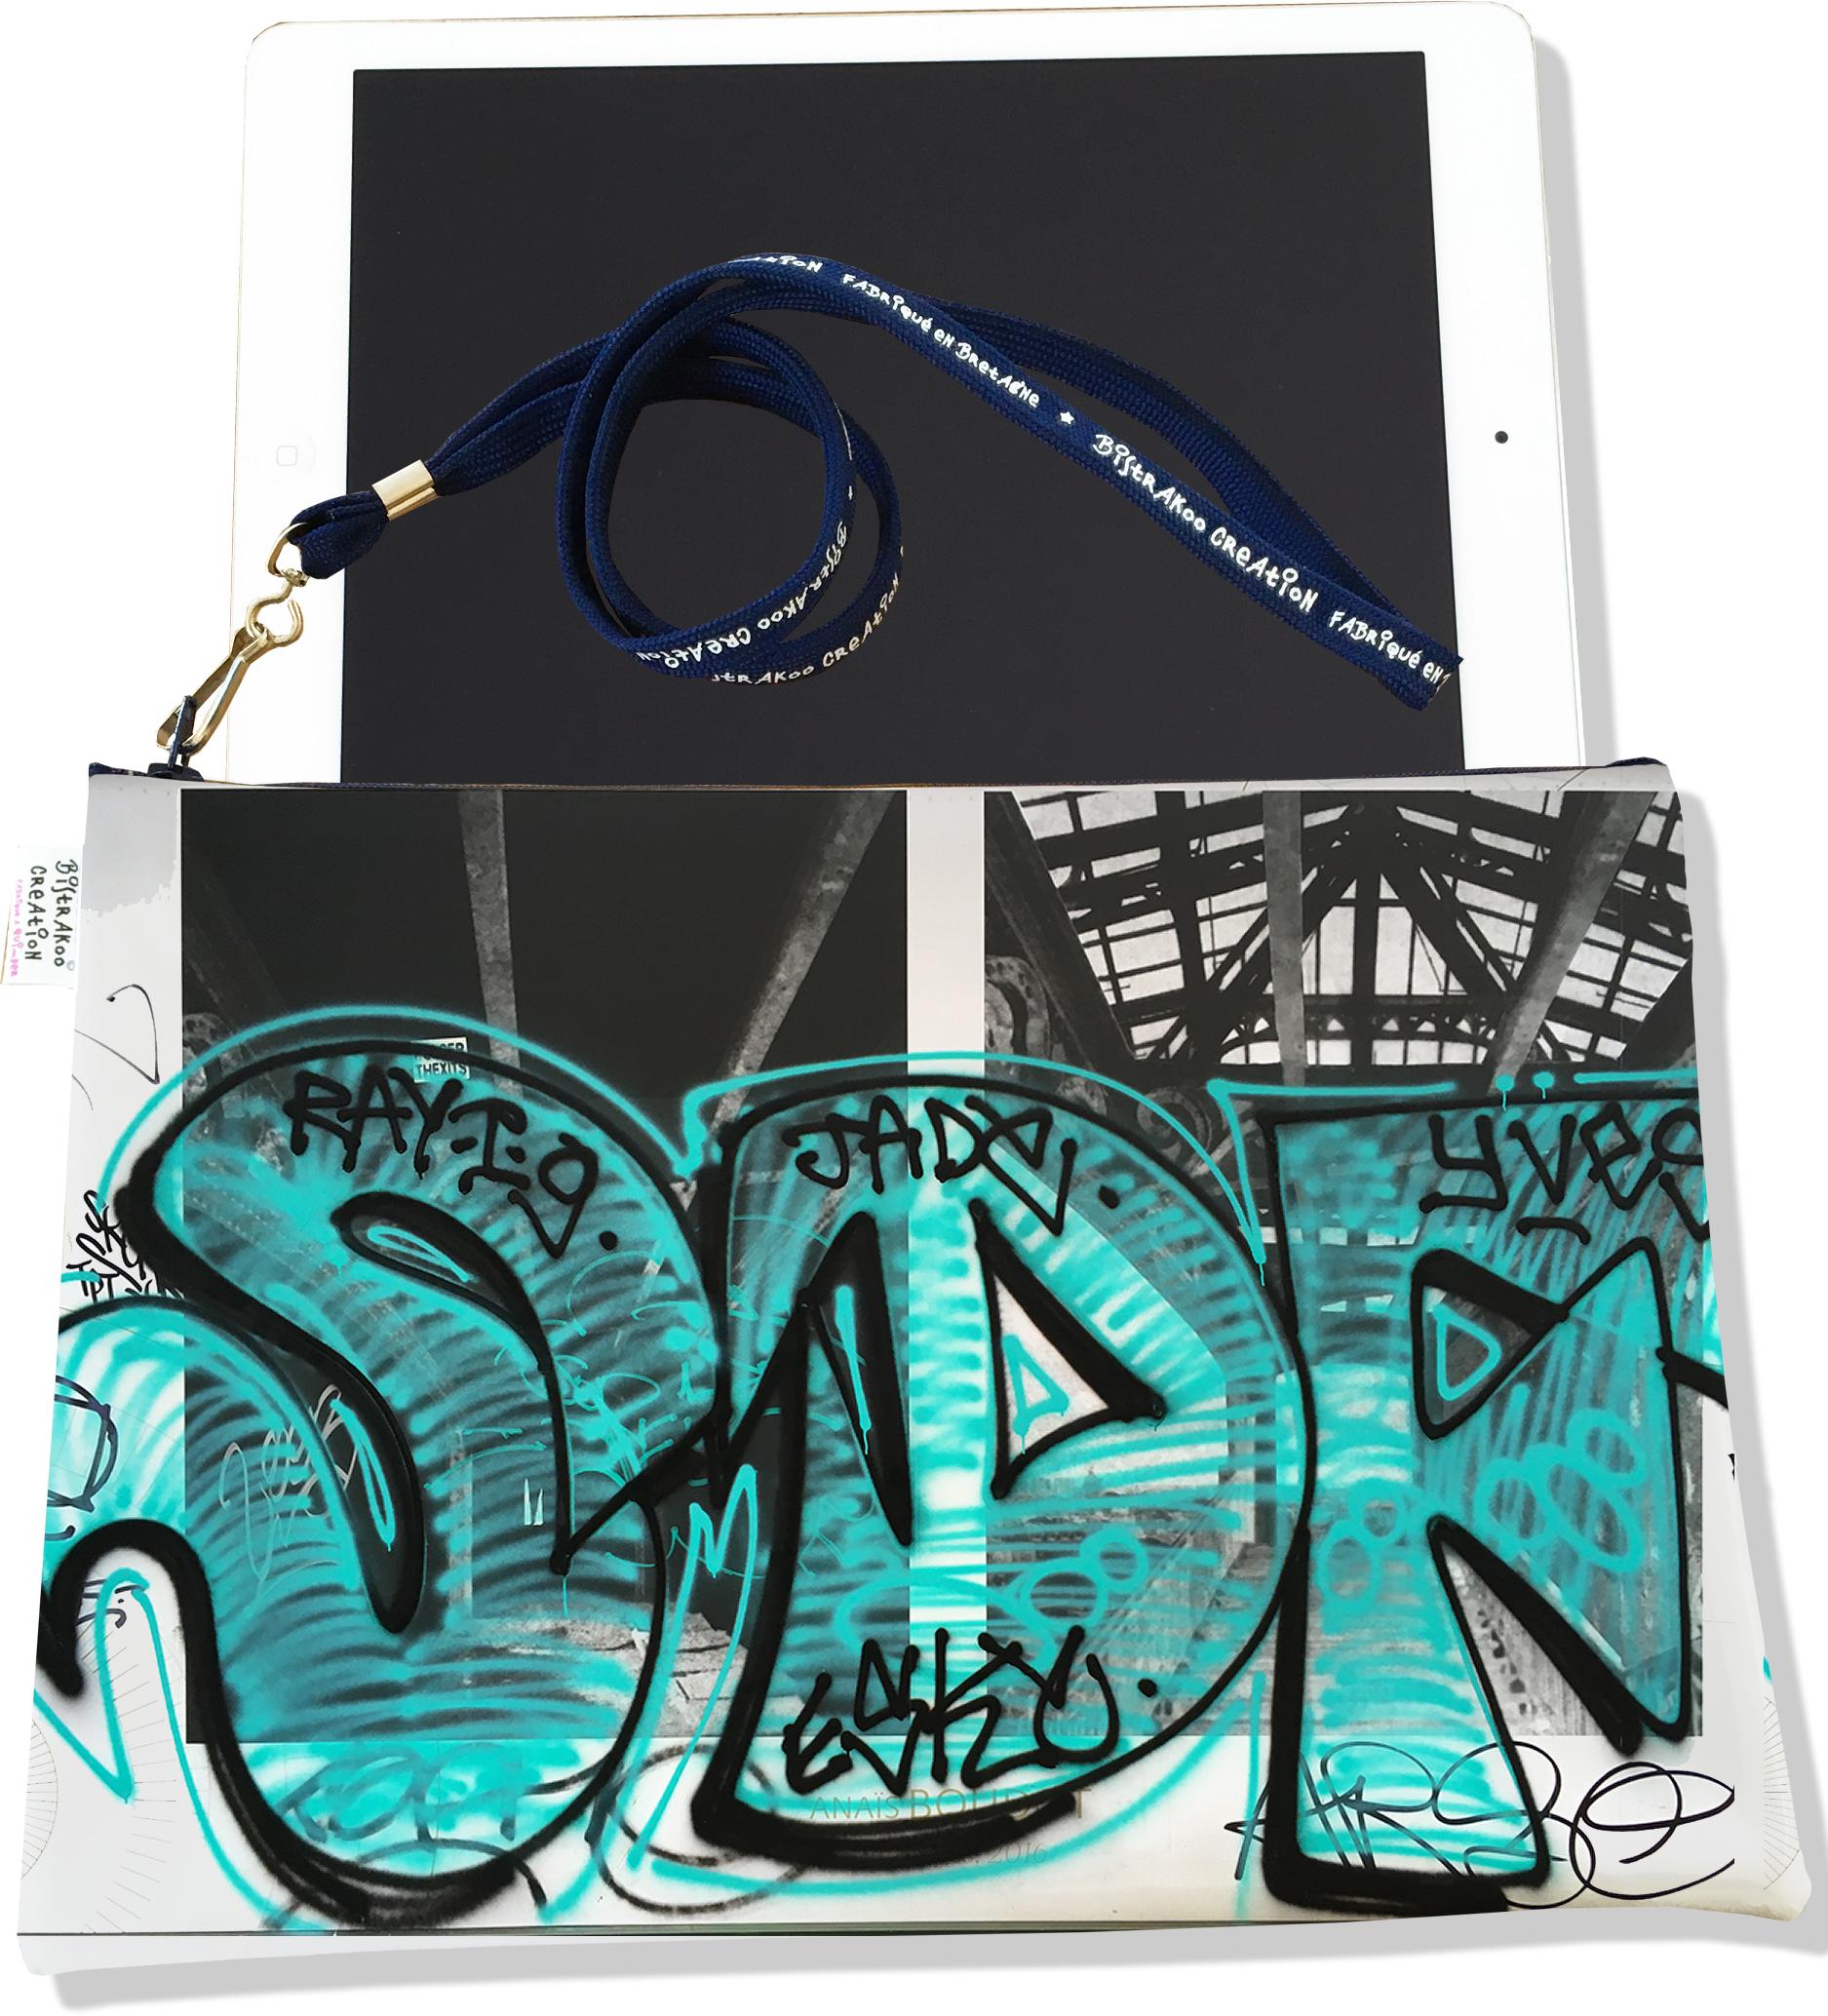 Housse pour tablette pour femme motif Street art HT6020